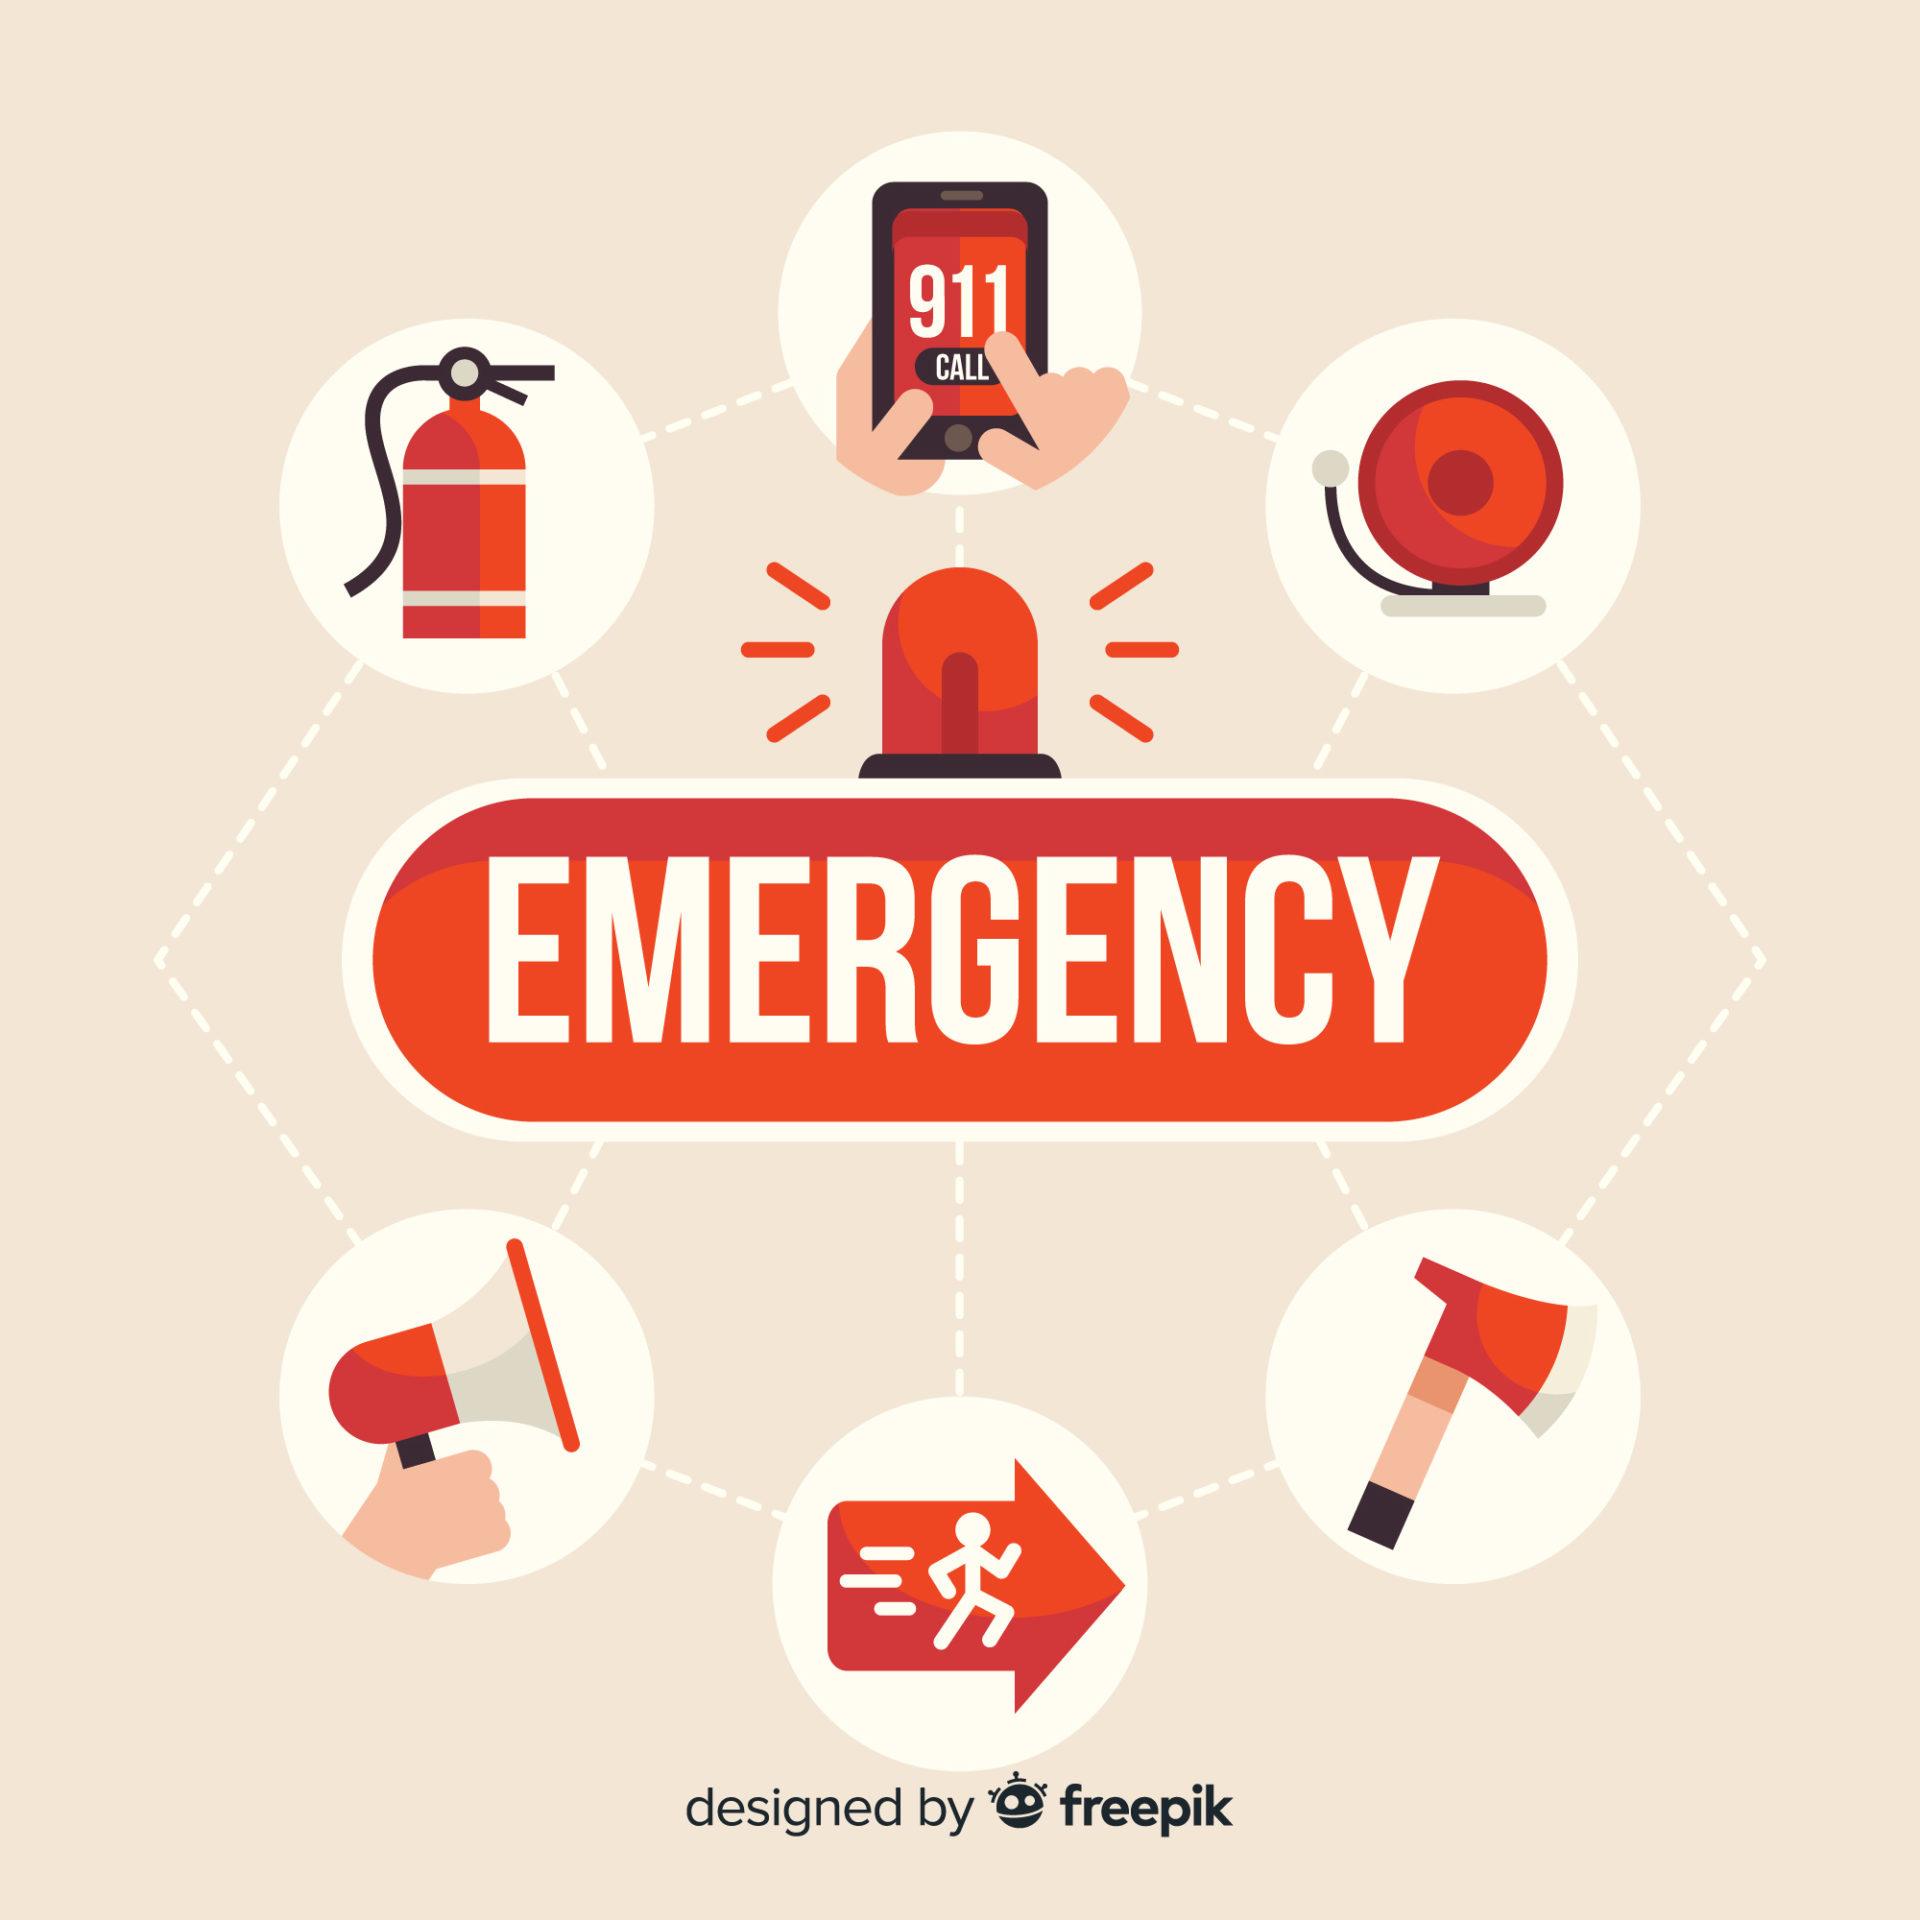 【紐西蘭NZ求救】緊急求救報警電話列表